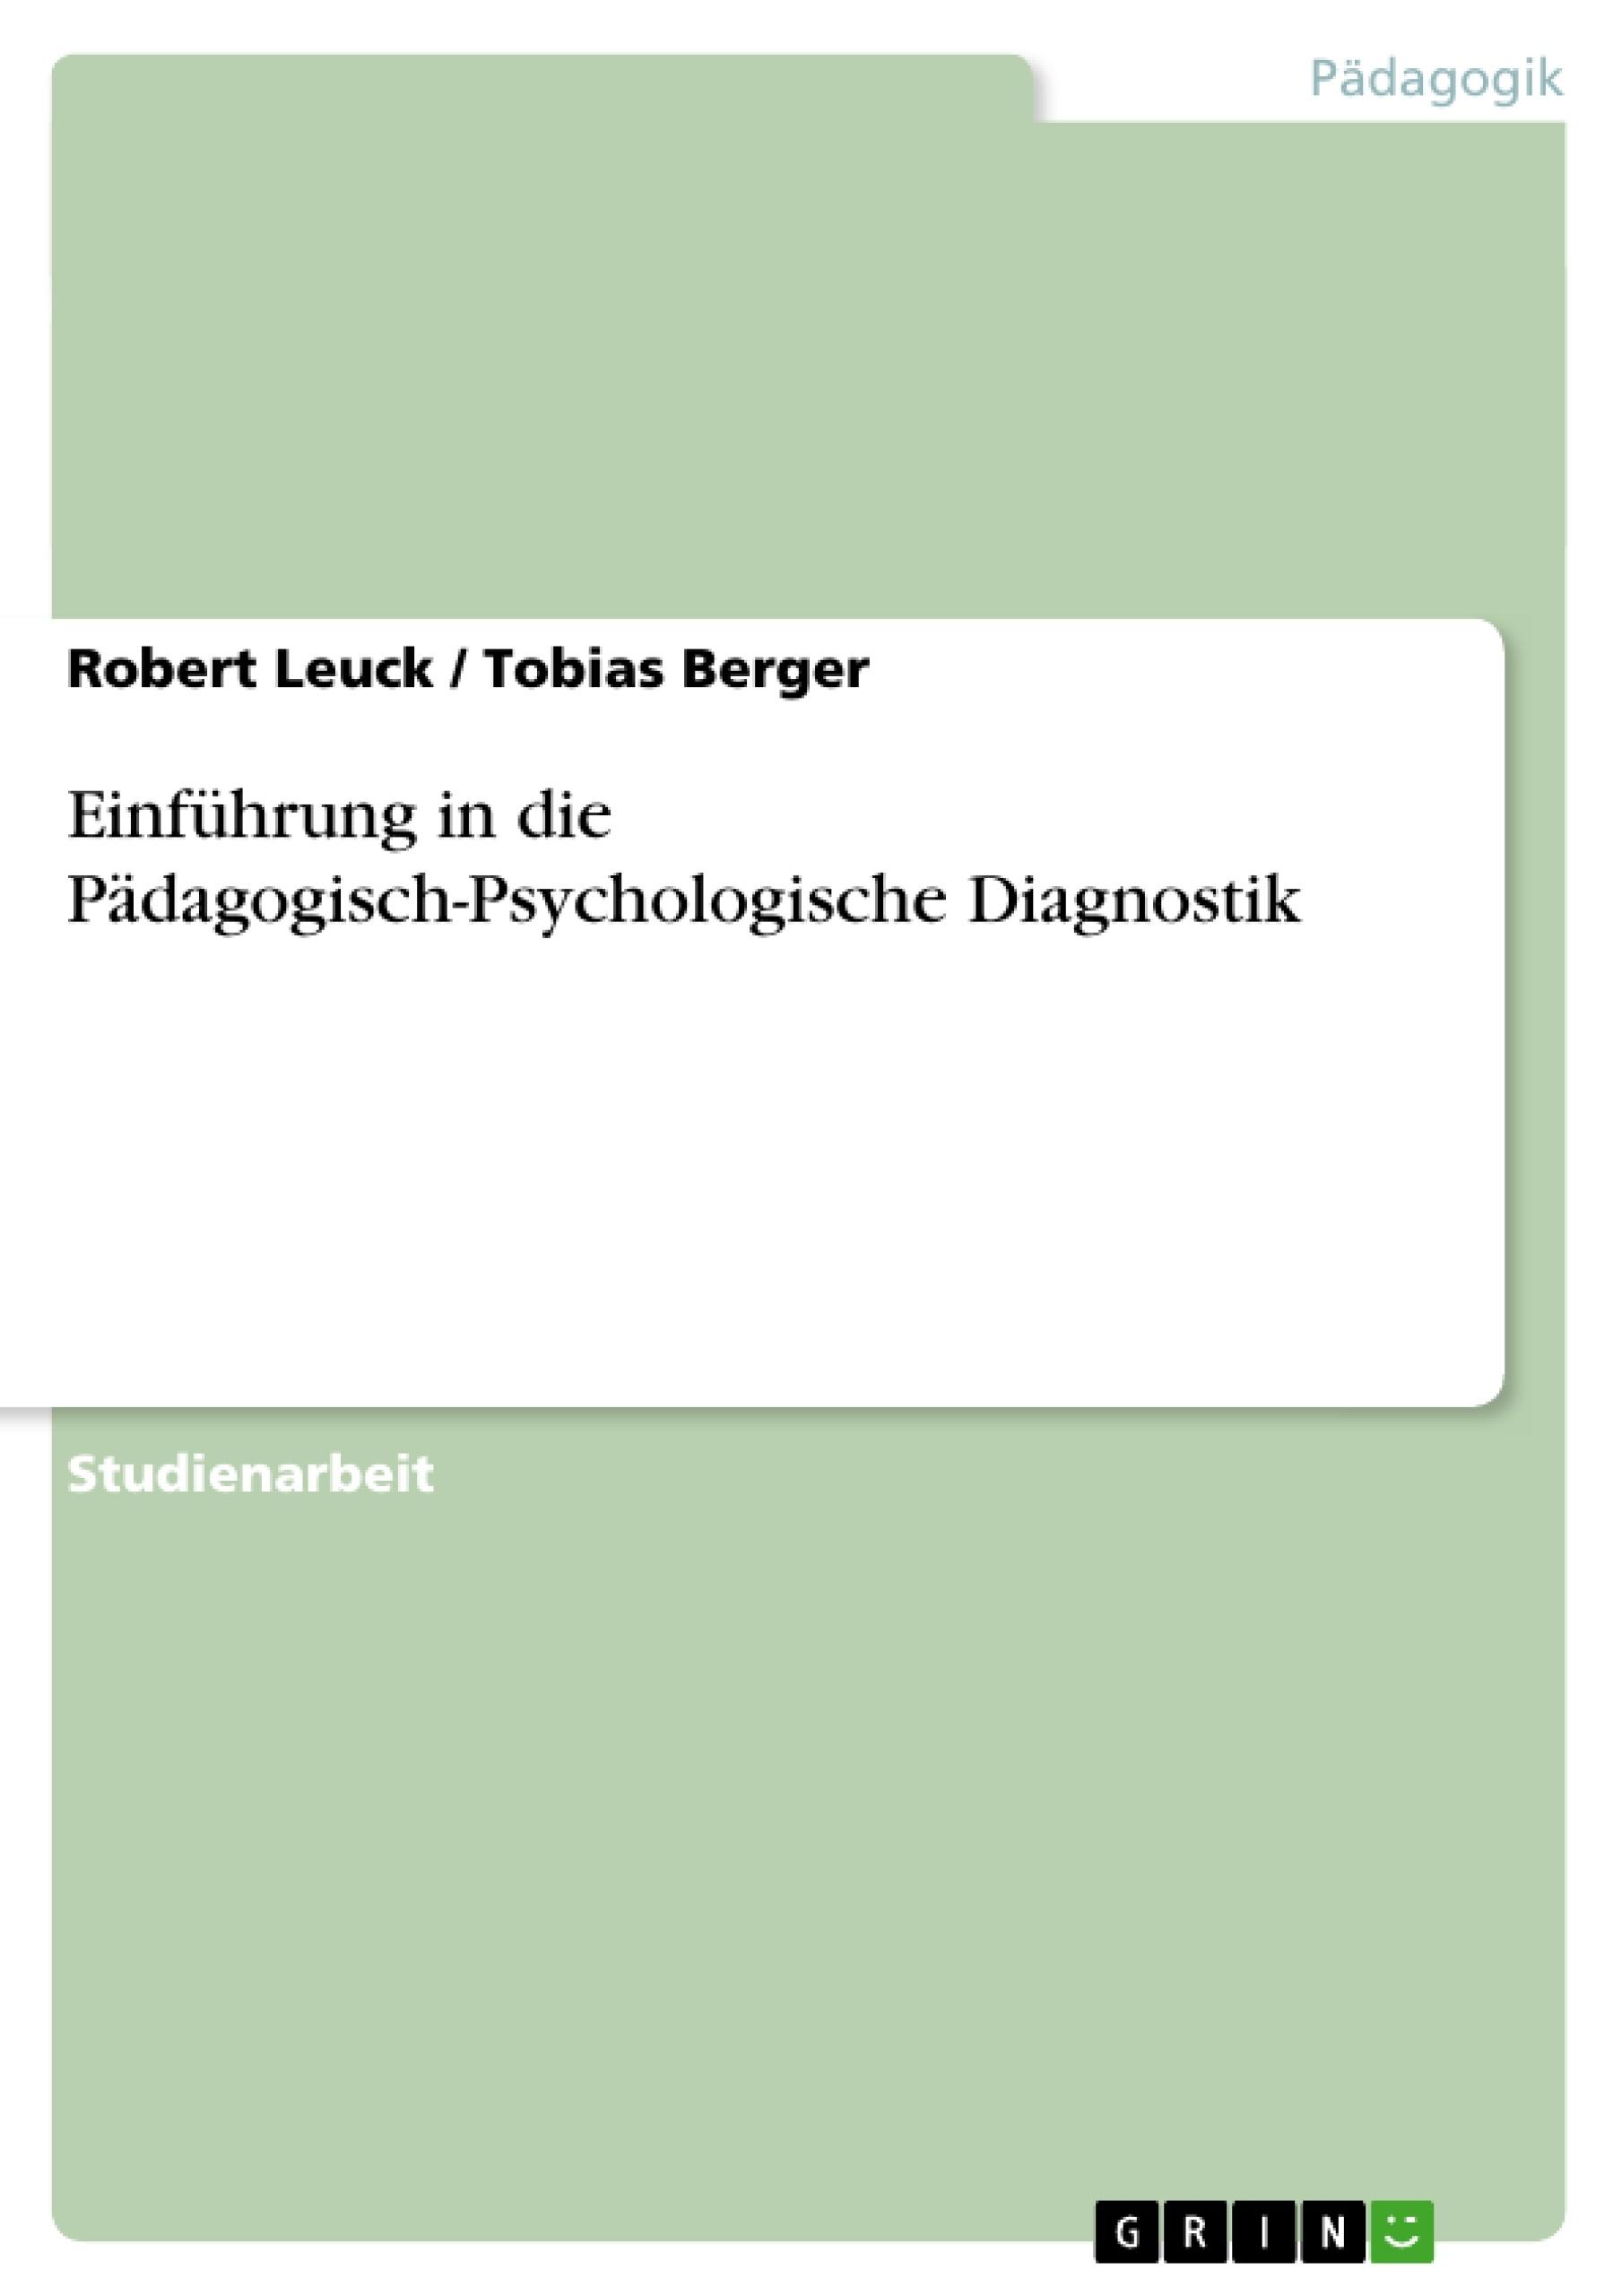 Titel: Einführung in die Pädagogisch-Psychologische Diagnostik